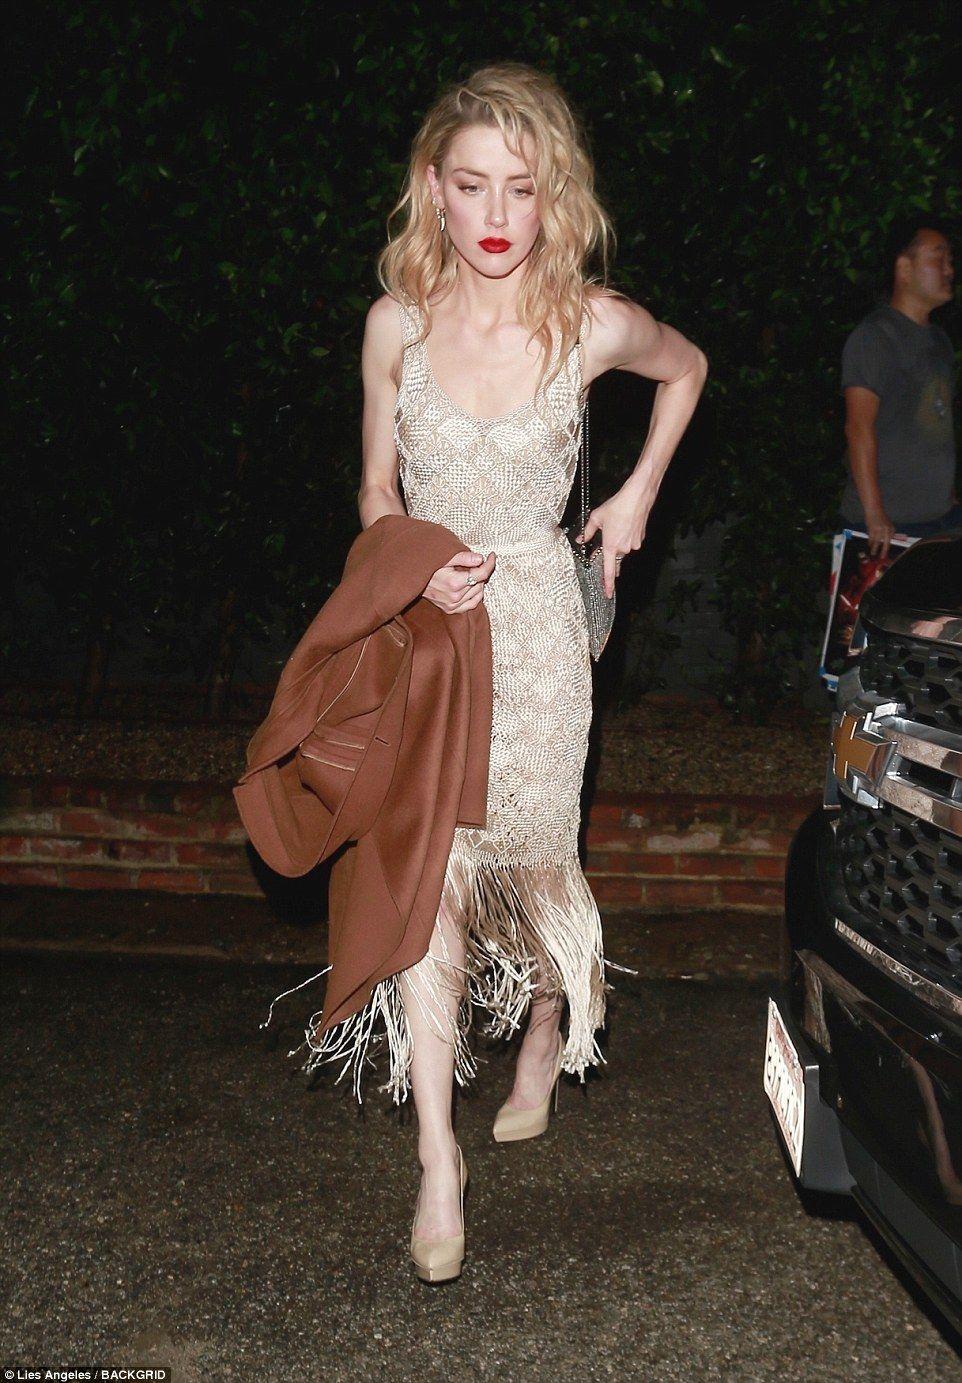 Una Fantasía De Lujo La Actriz Amber Heard Siguió La Tendencia